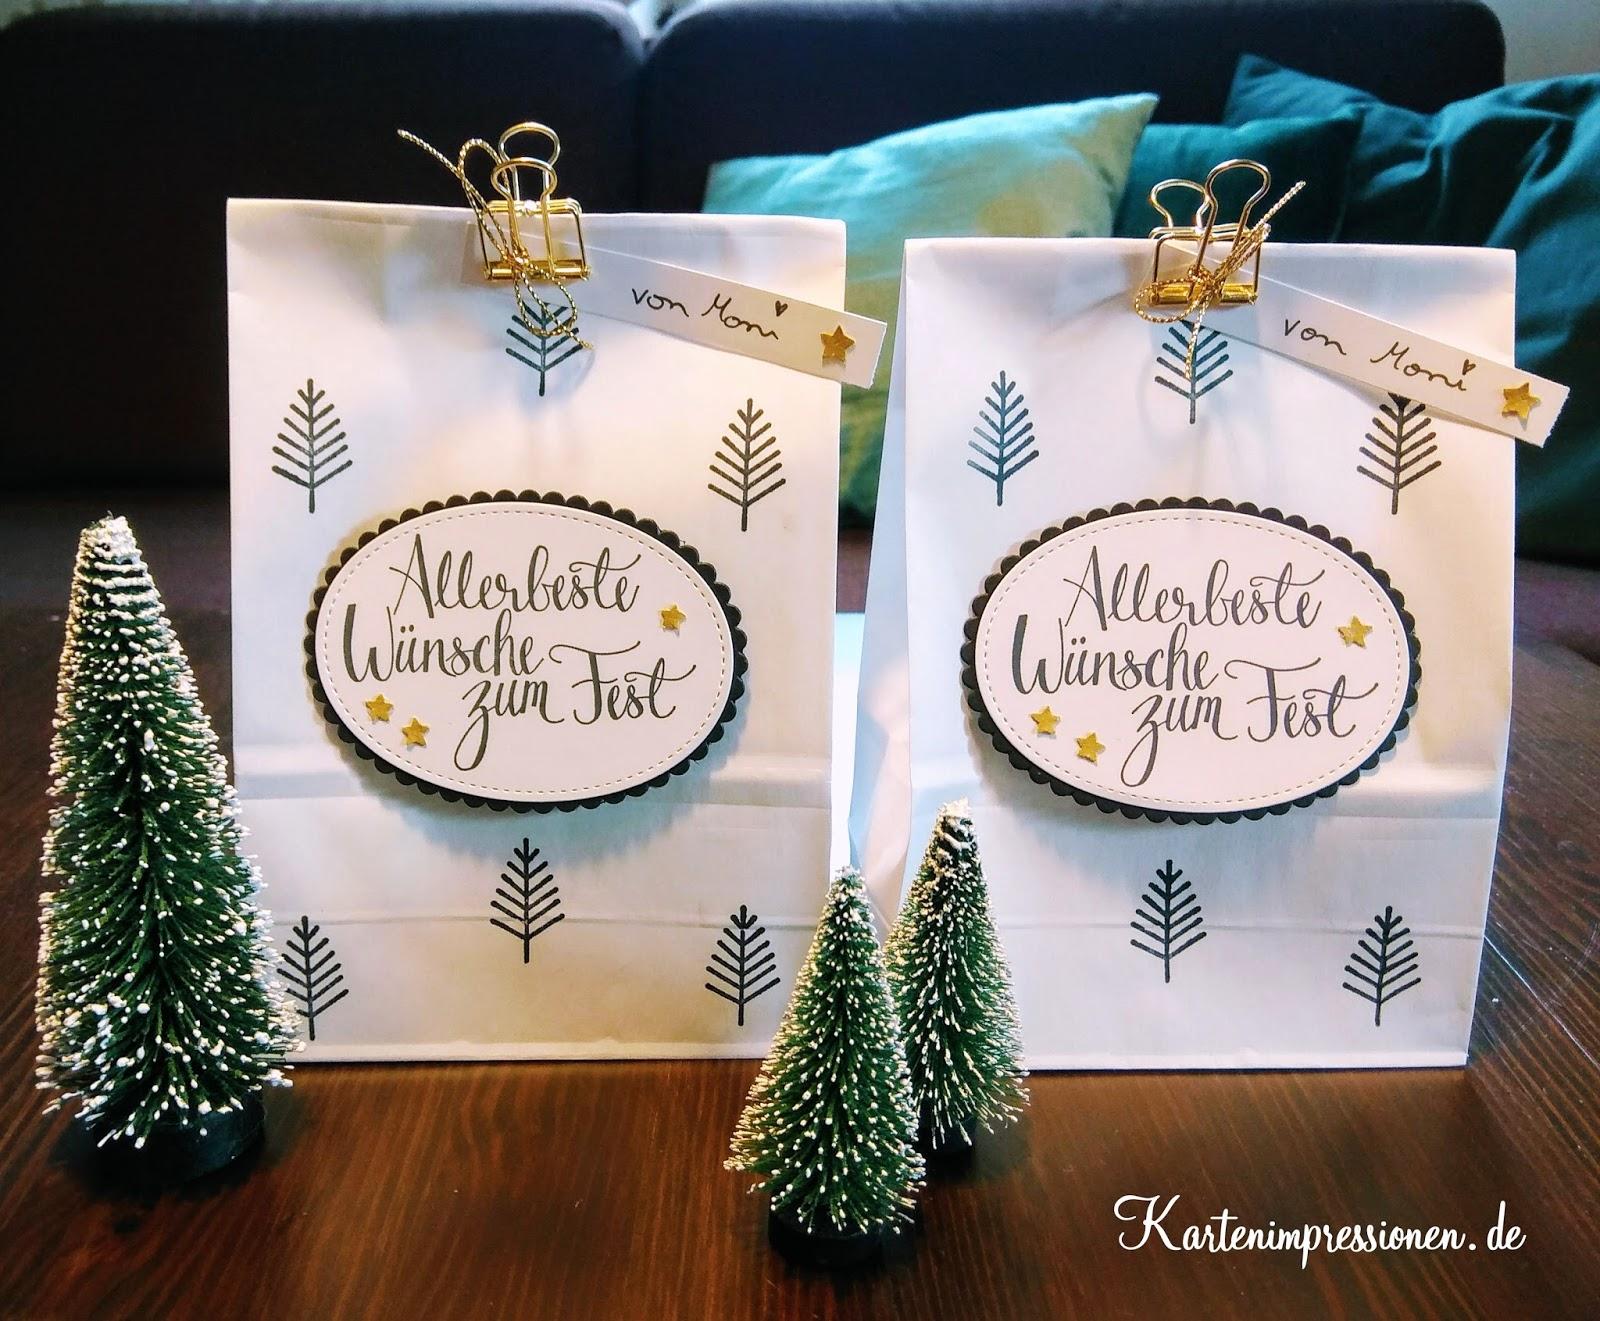 Kartenimpressionen: Frohe Weihnachten